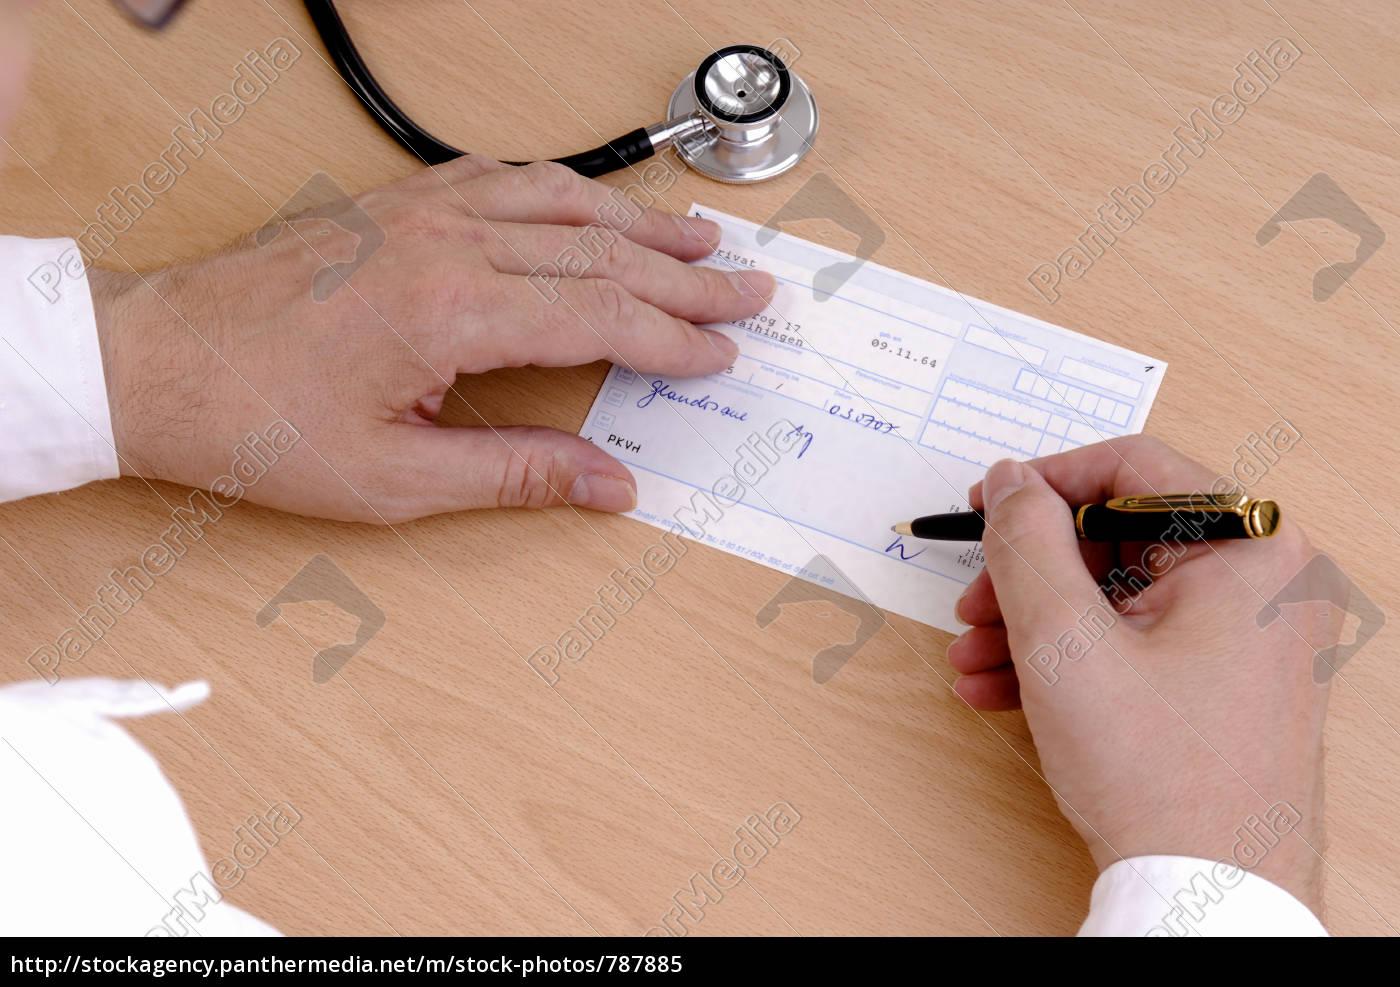 prescriptions - 787885